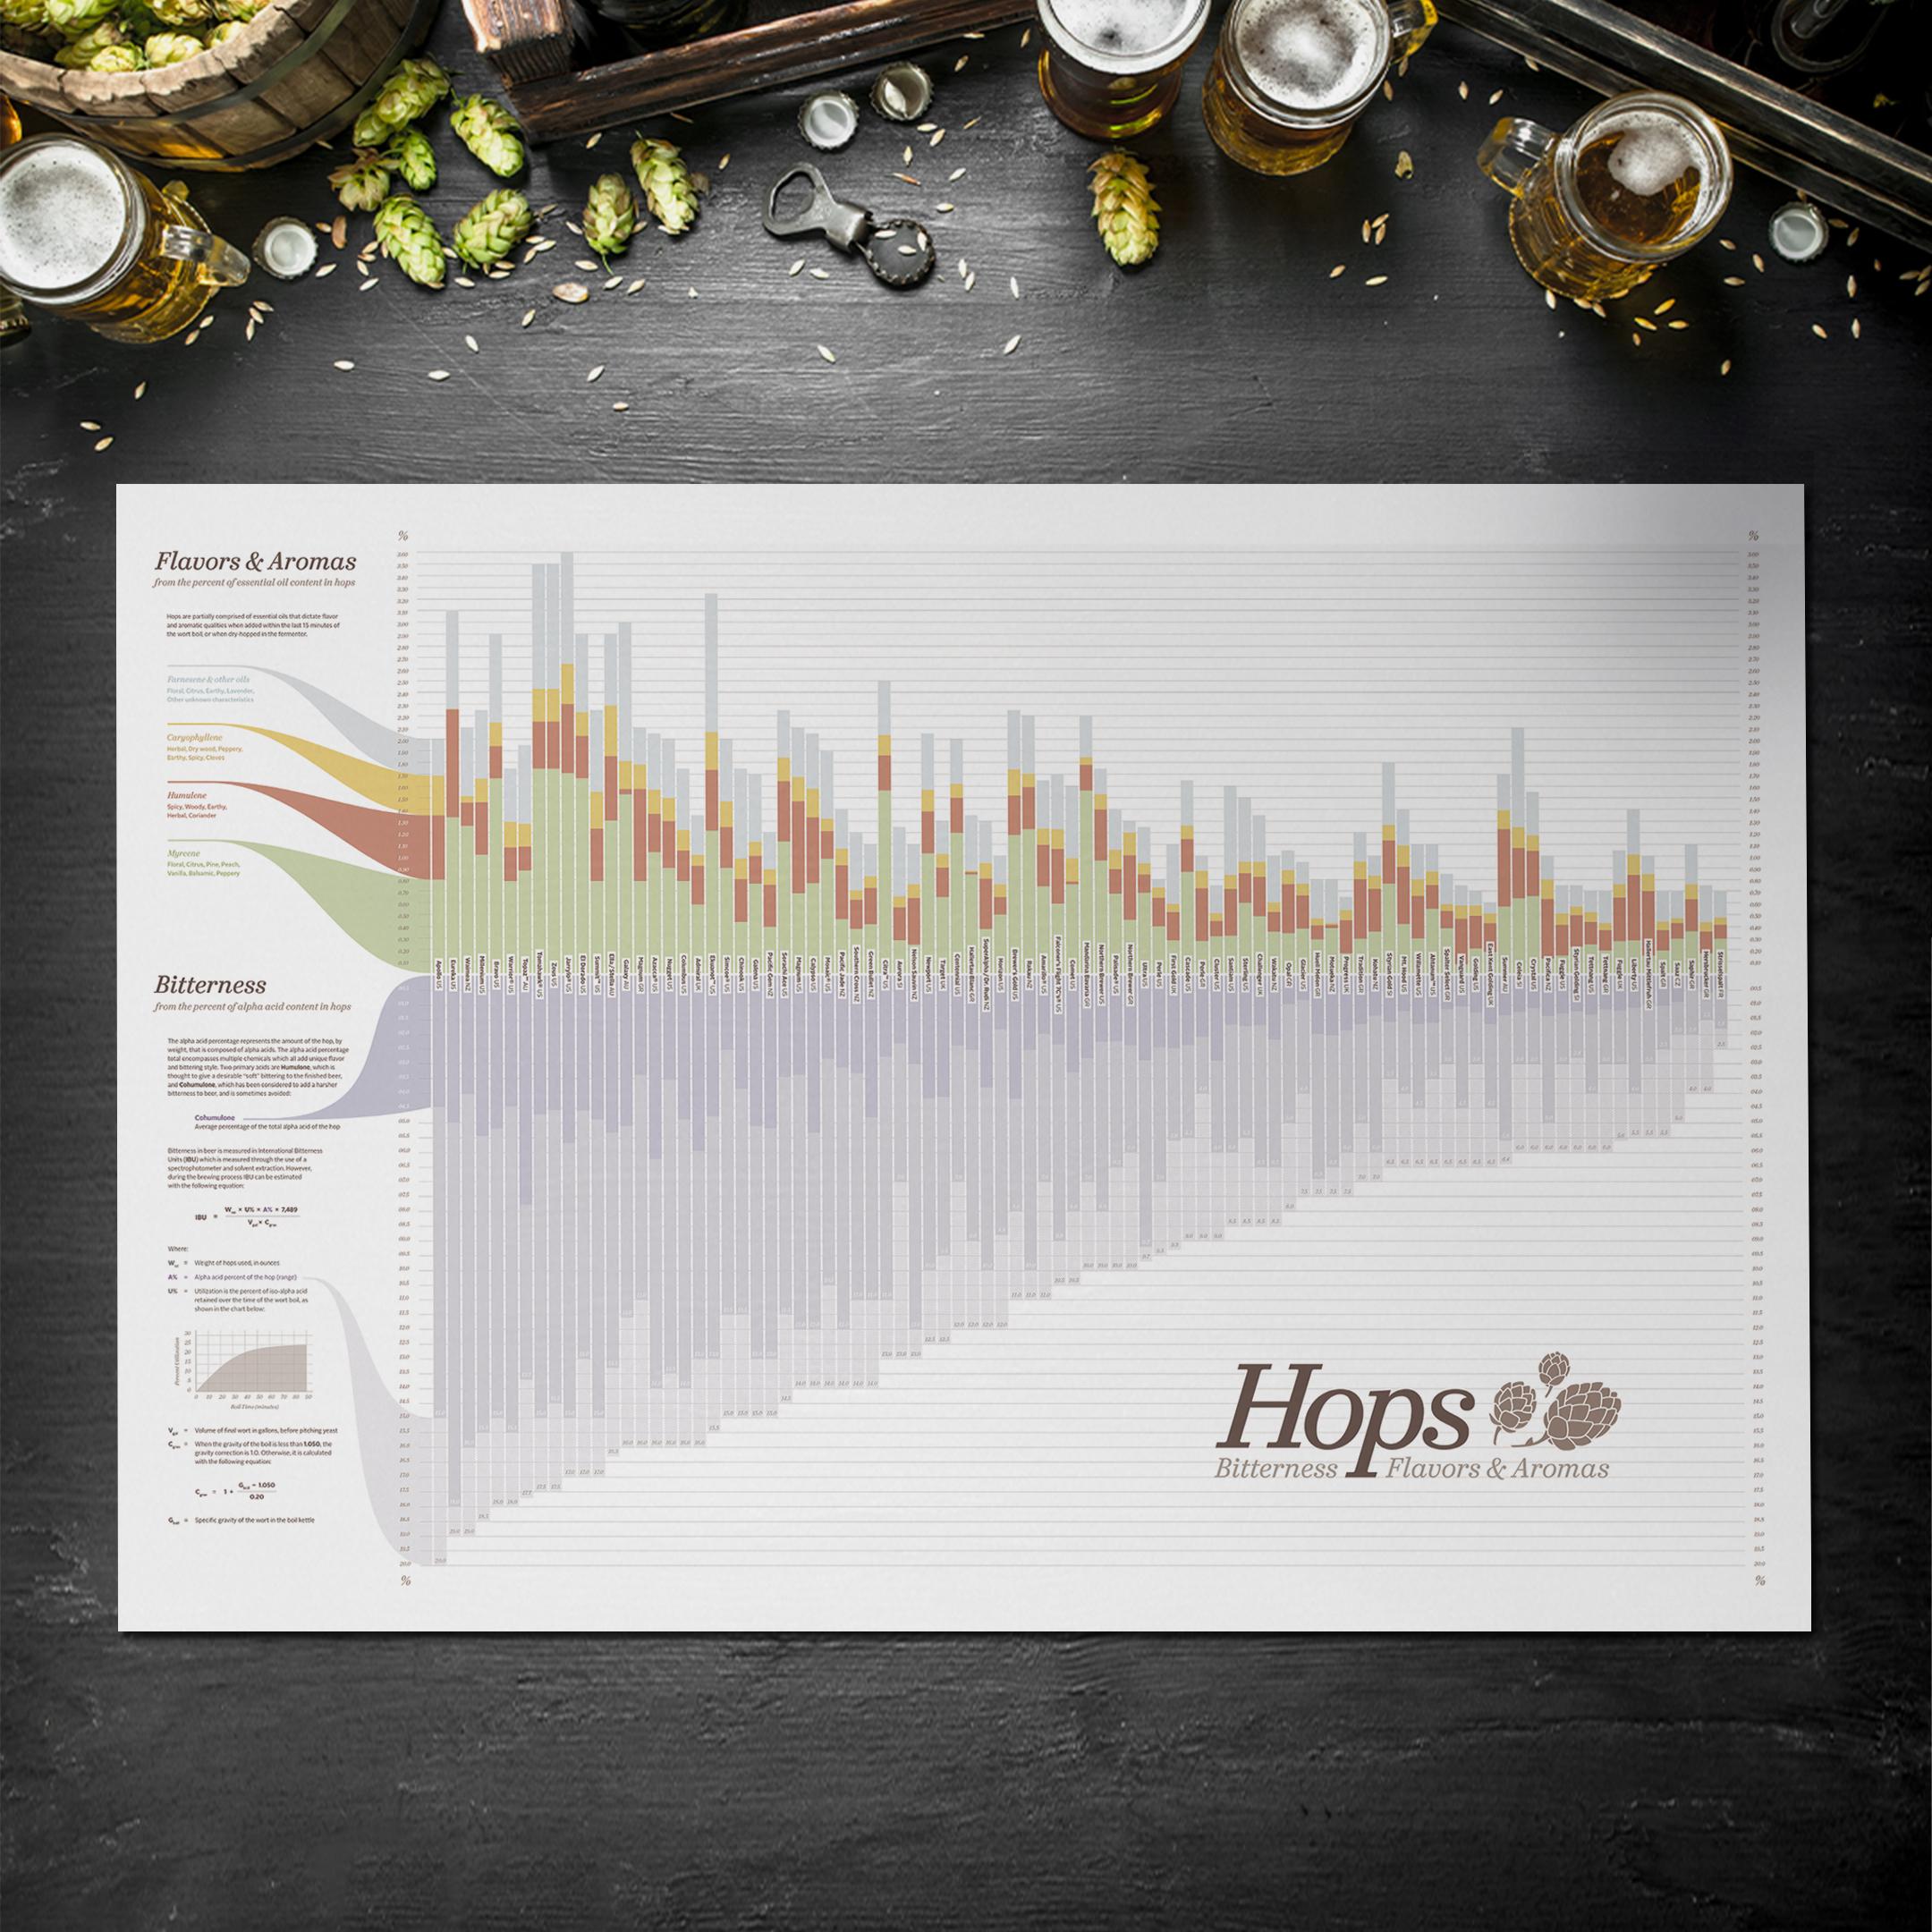 dsc.spring19.hops.1x1.black-table-hops-beers.jpg